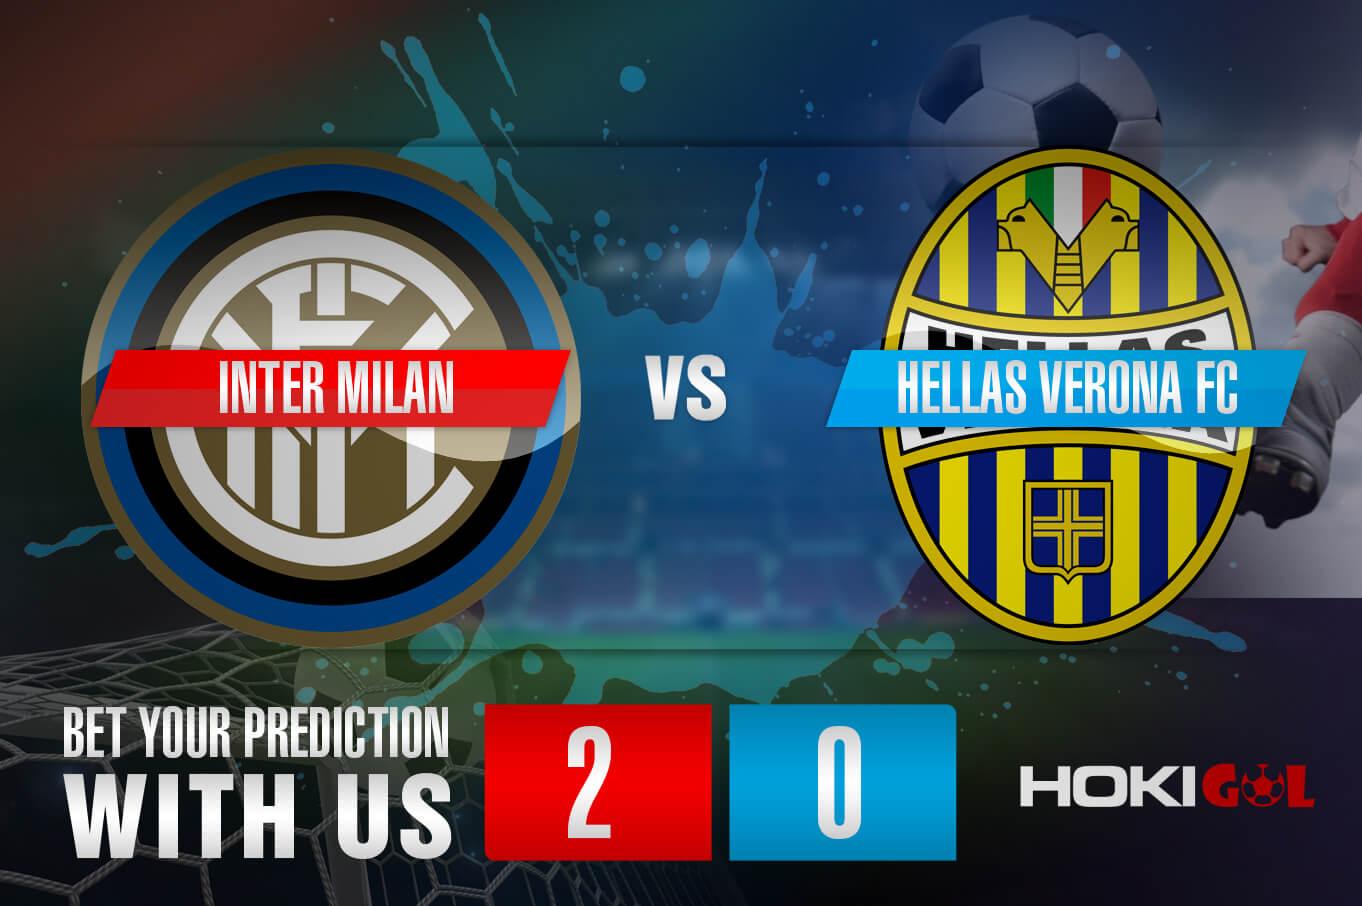 Prediksi Bola Inter Milan Vs Hellas Verona FC 25 April 2021